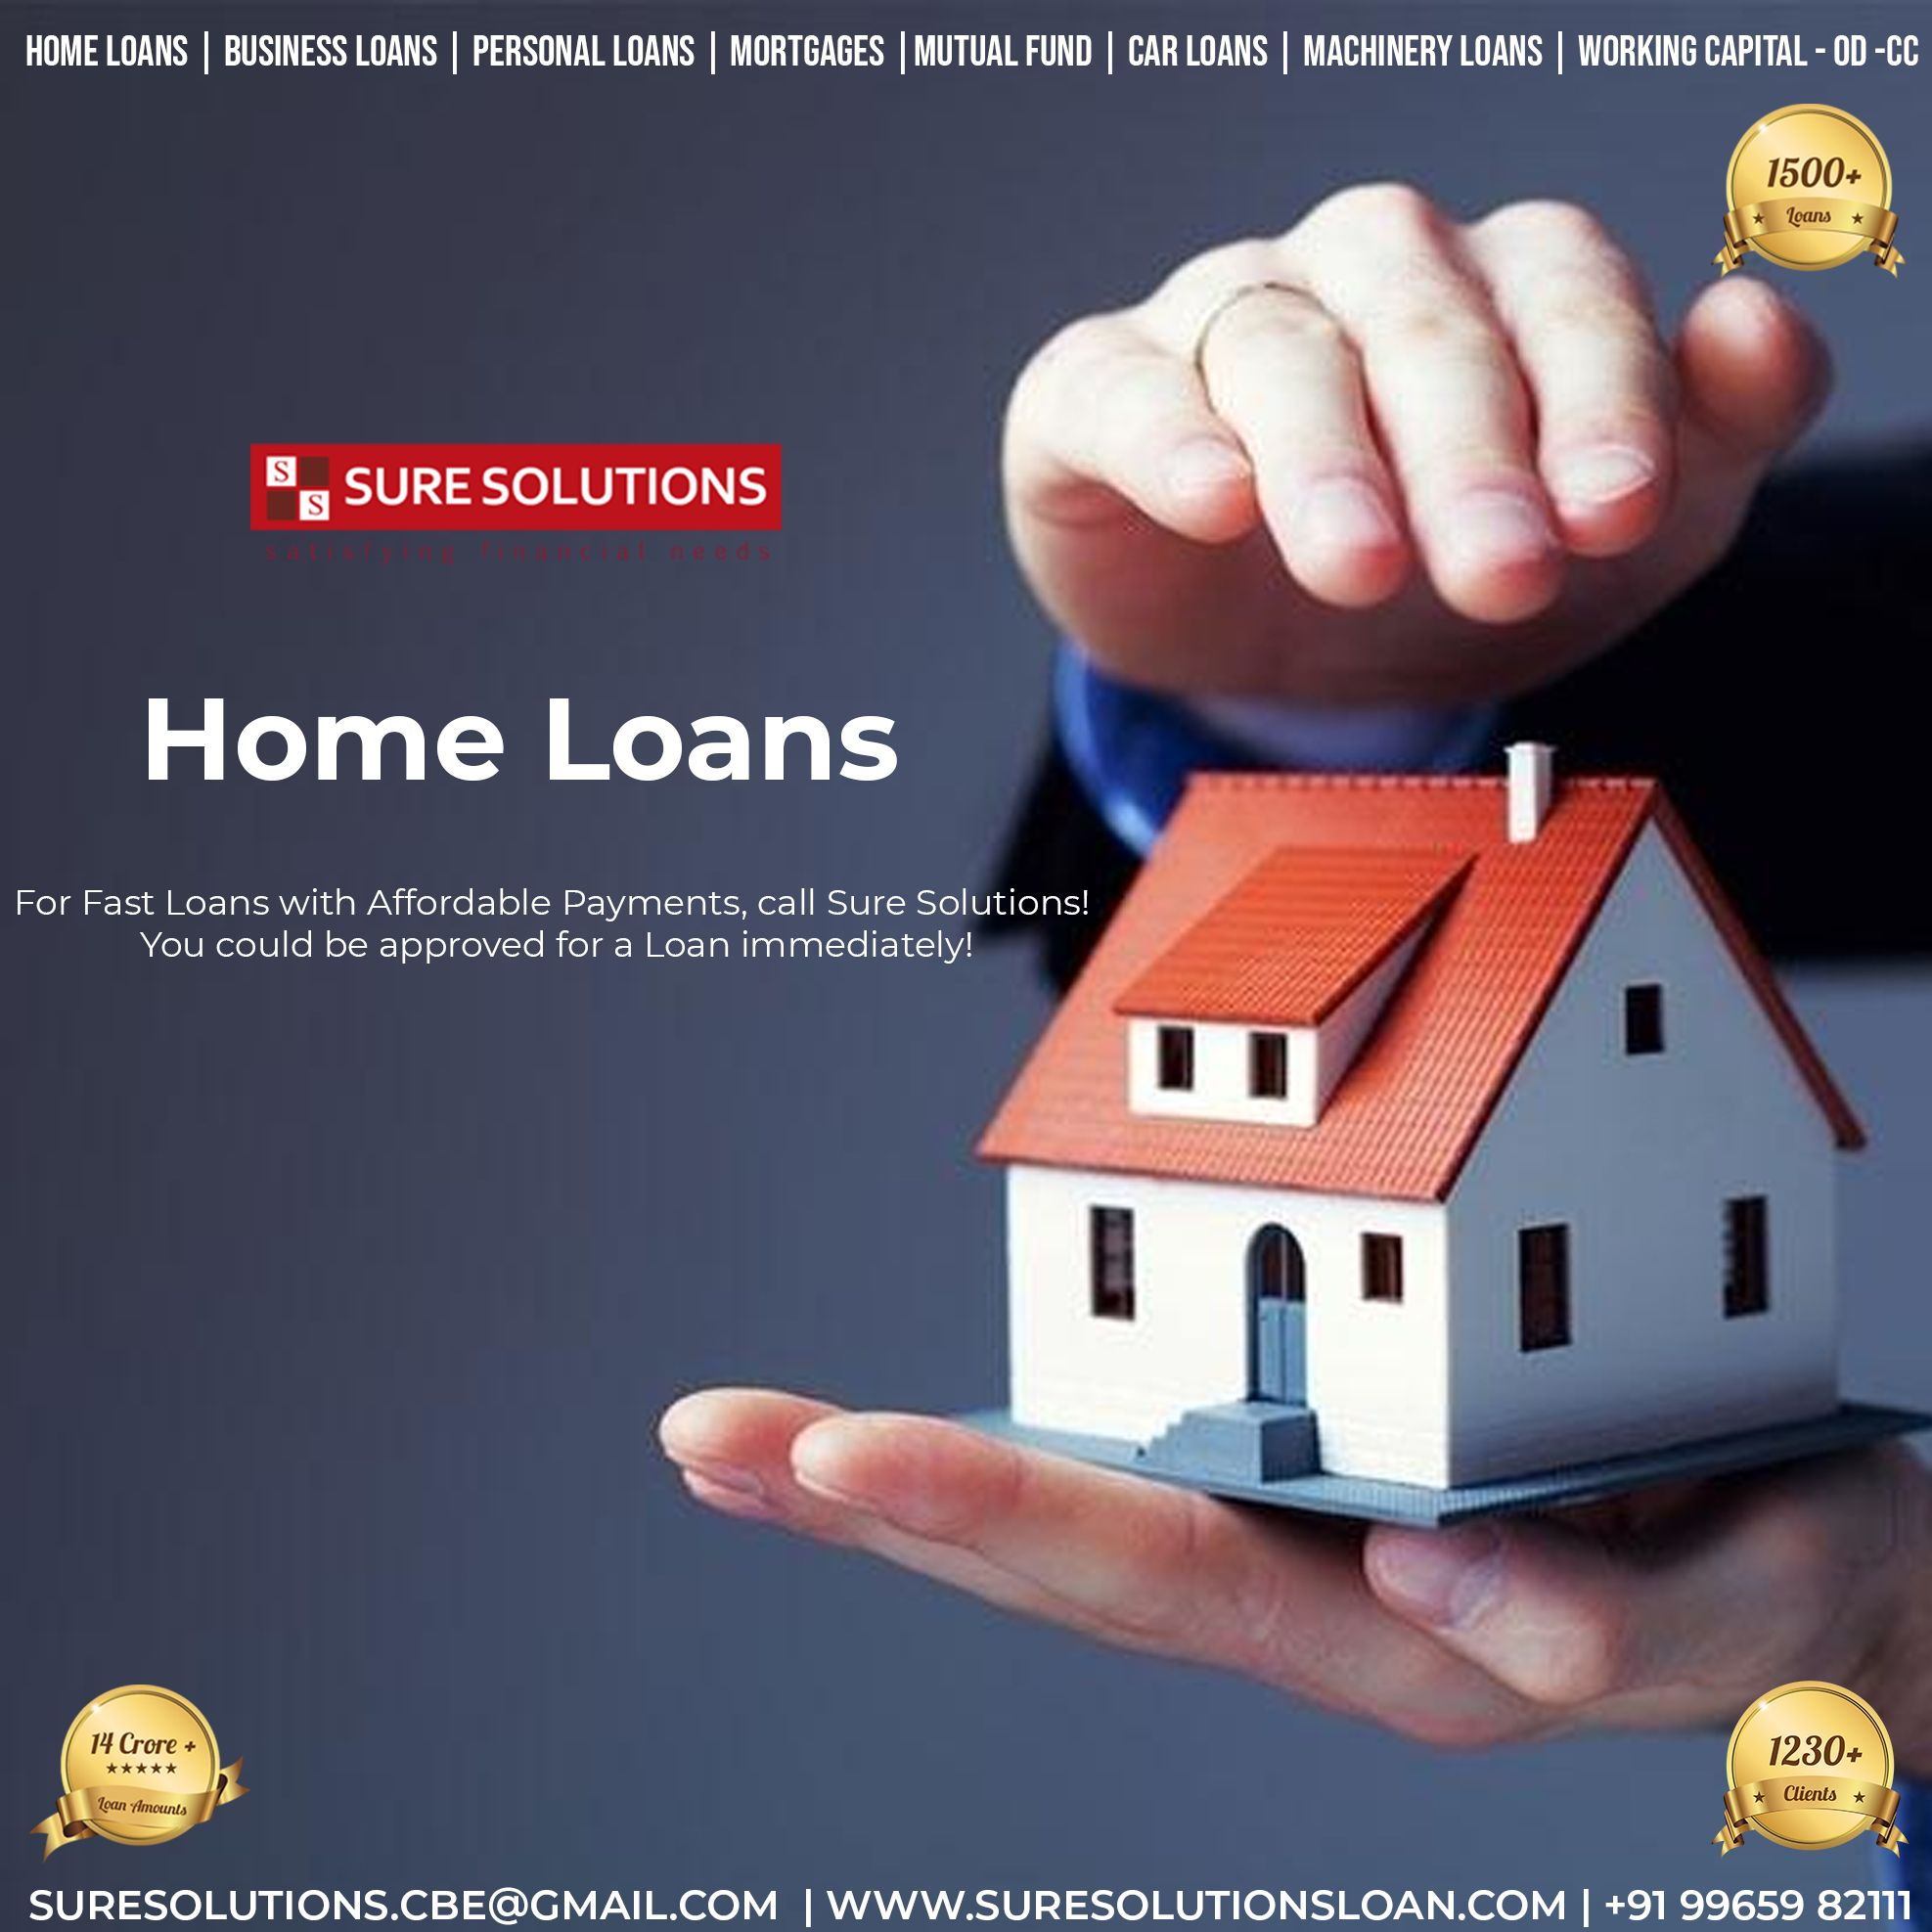 Home Loans Home Loans Loan Mortgage Loans